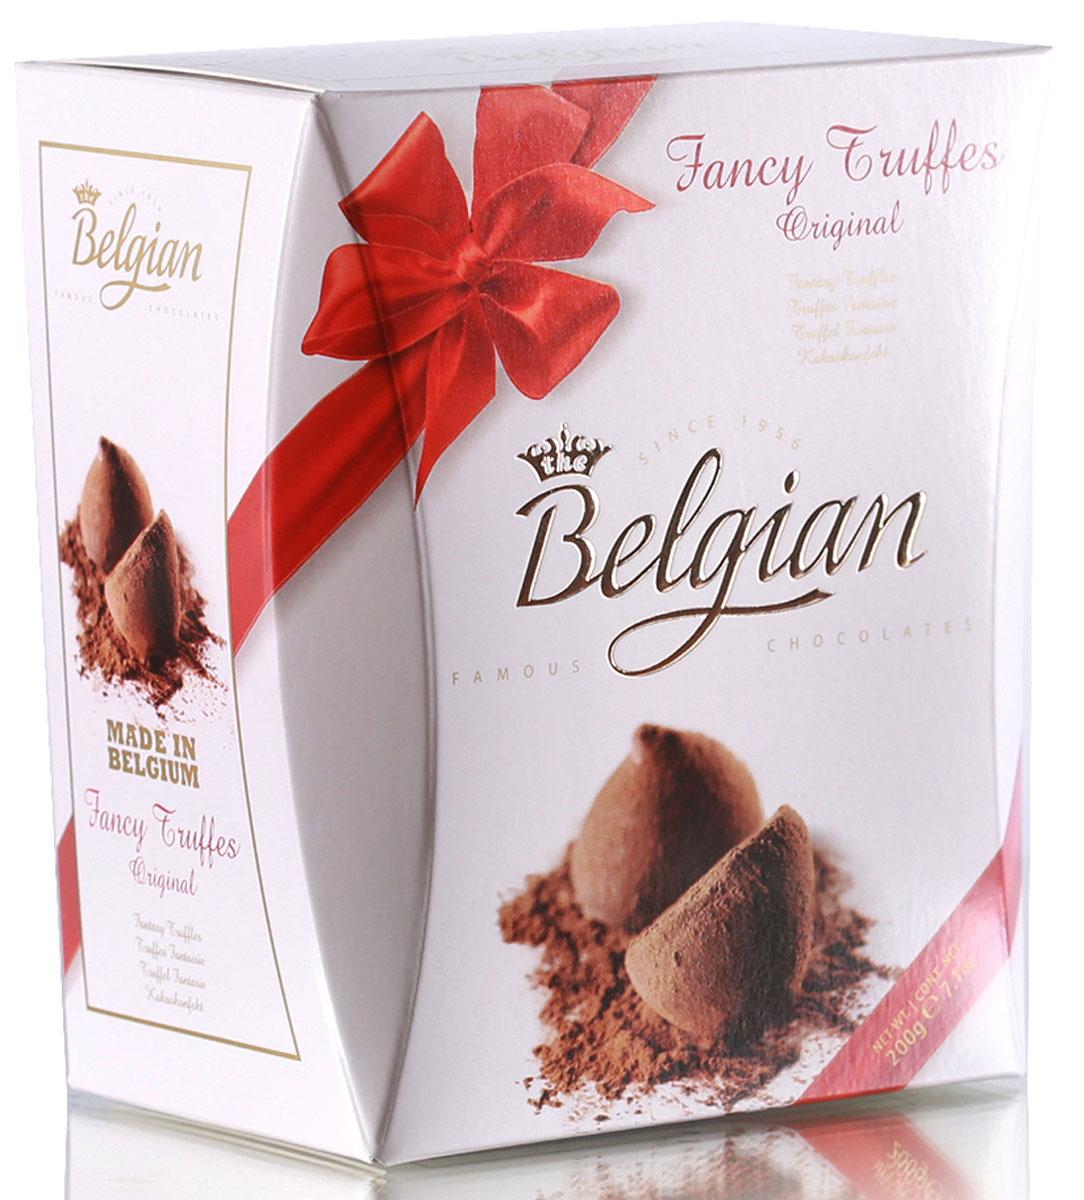 The Belgian Трюфели в какао пудре оригинальные, 200 г the belgian трюфели с кусочками апельсинов 200 г